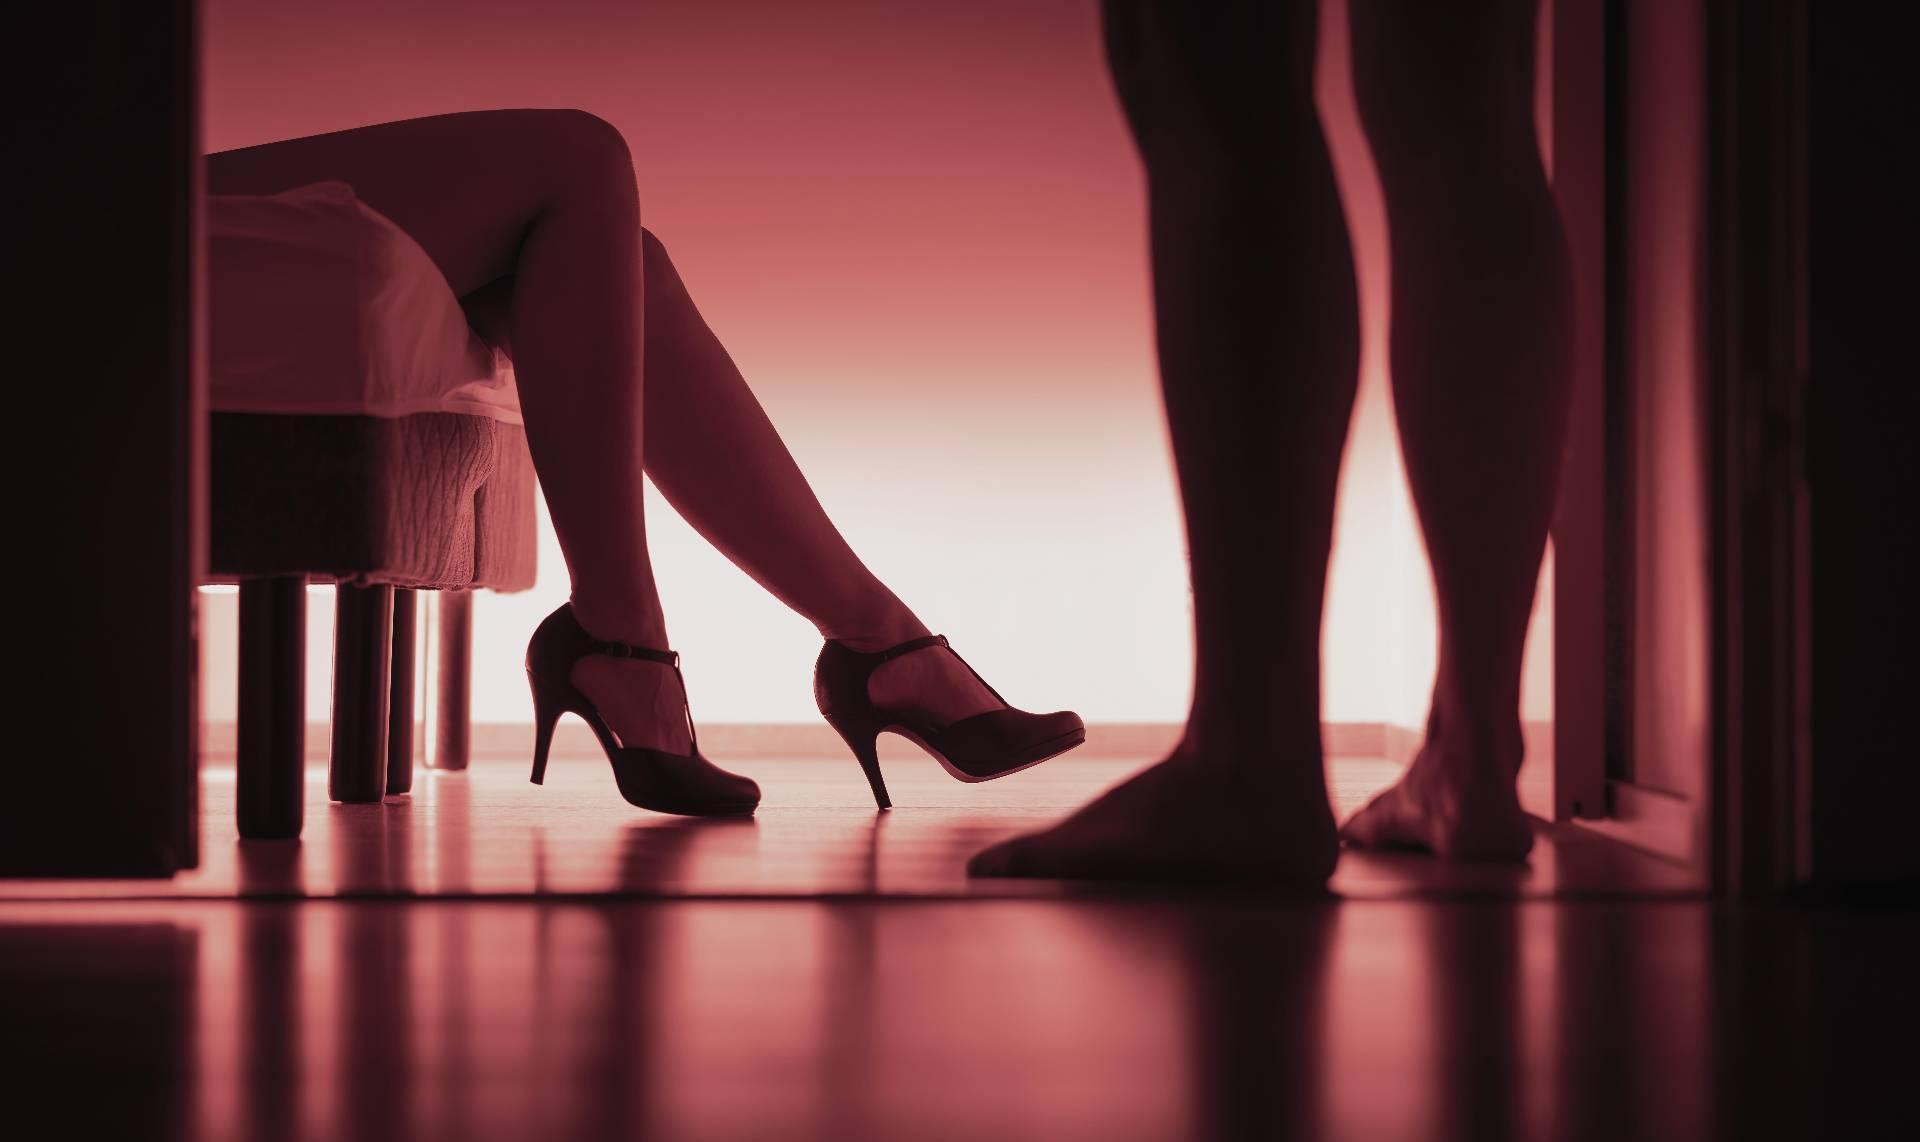 """В маске неудобно"""". Секс-работницы приняли меры защиты от коронавируса"""